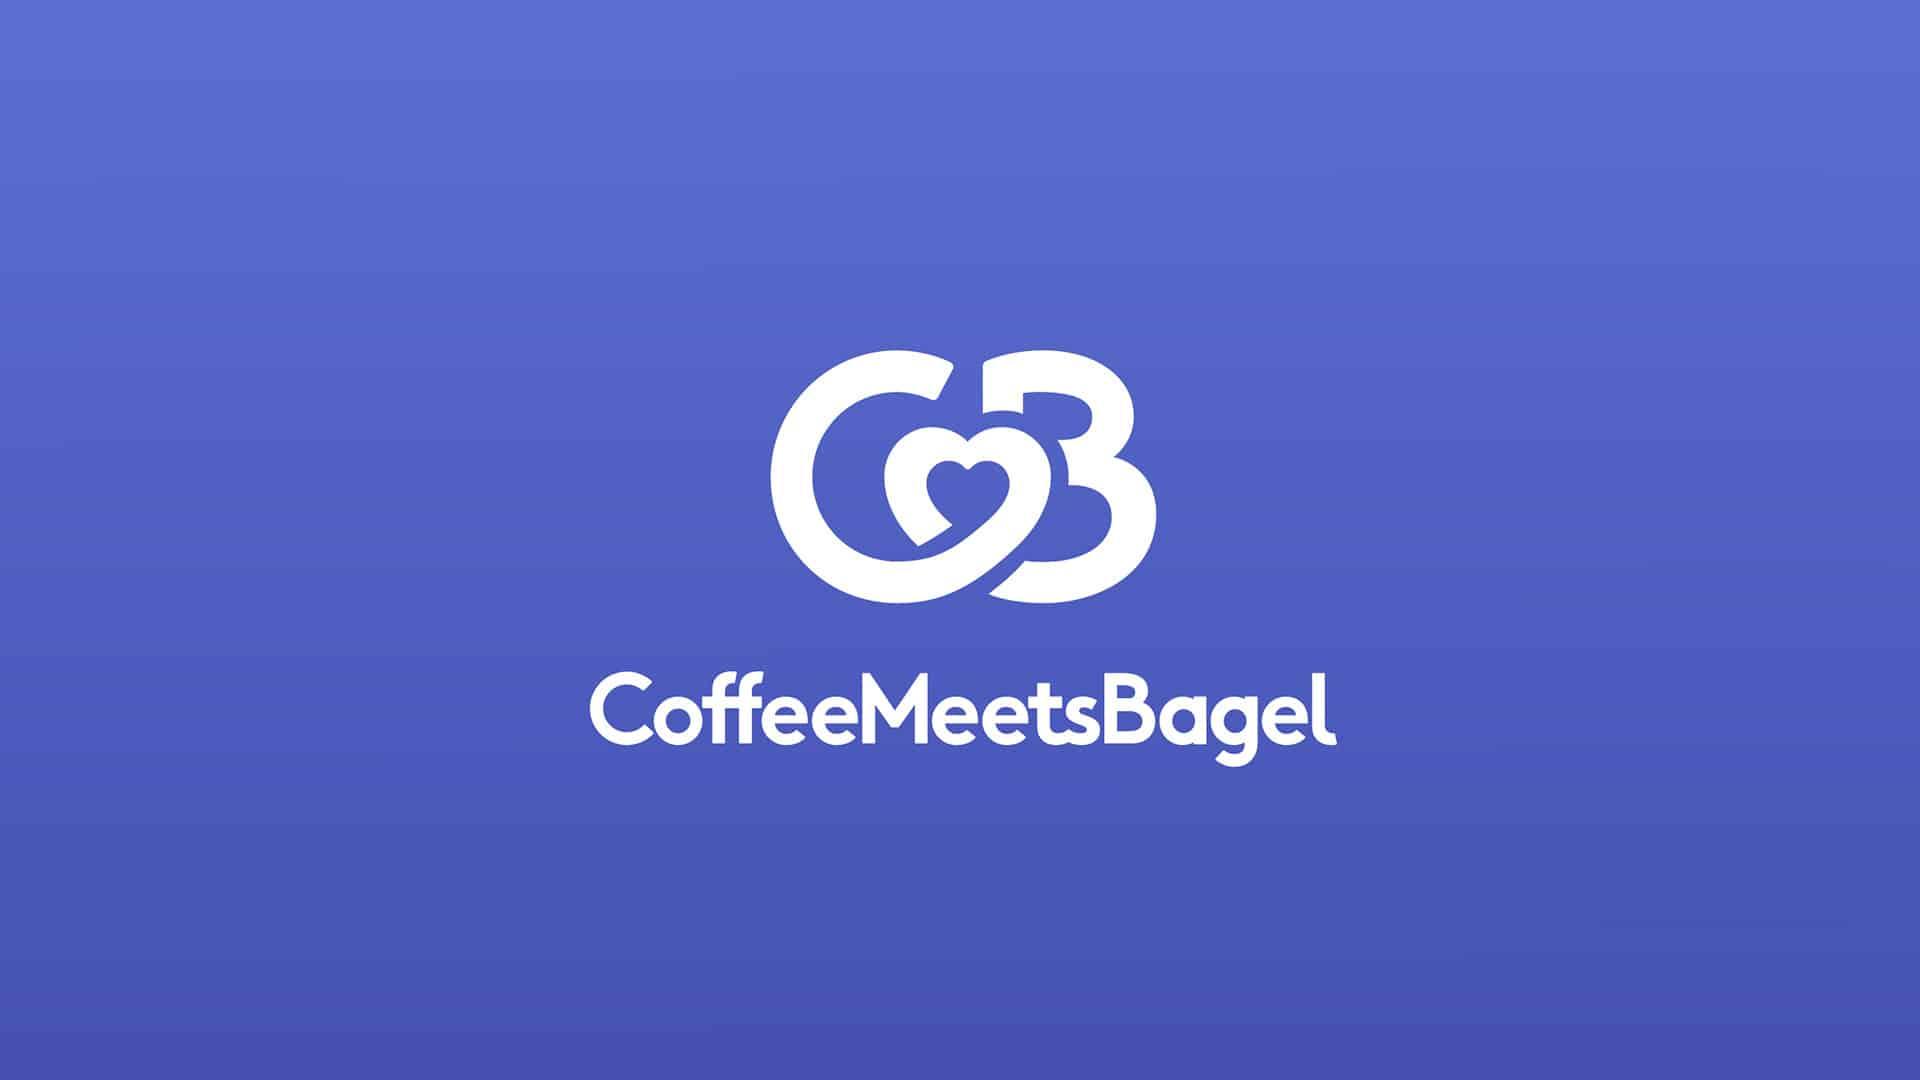 Coffee-Meets-Bagel